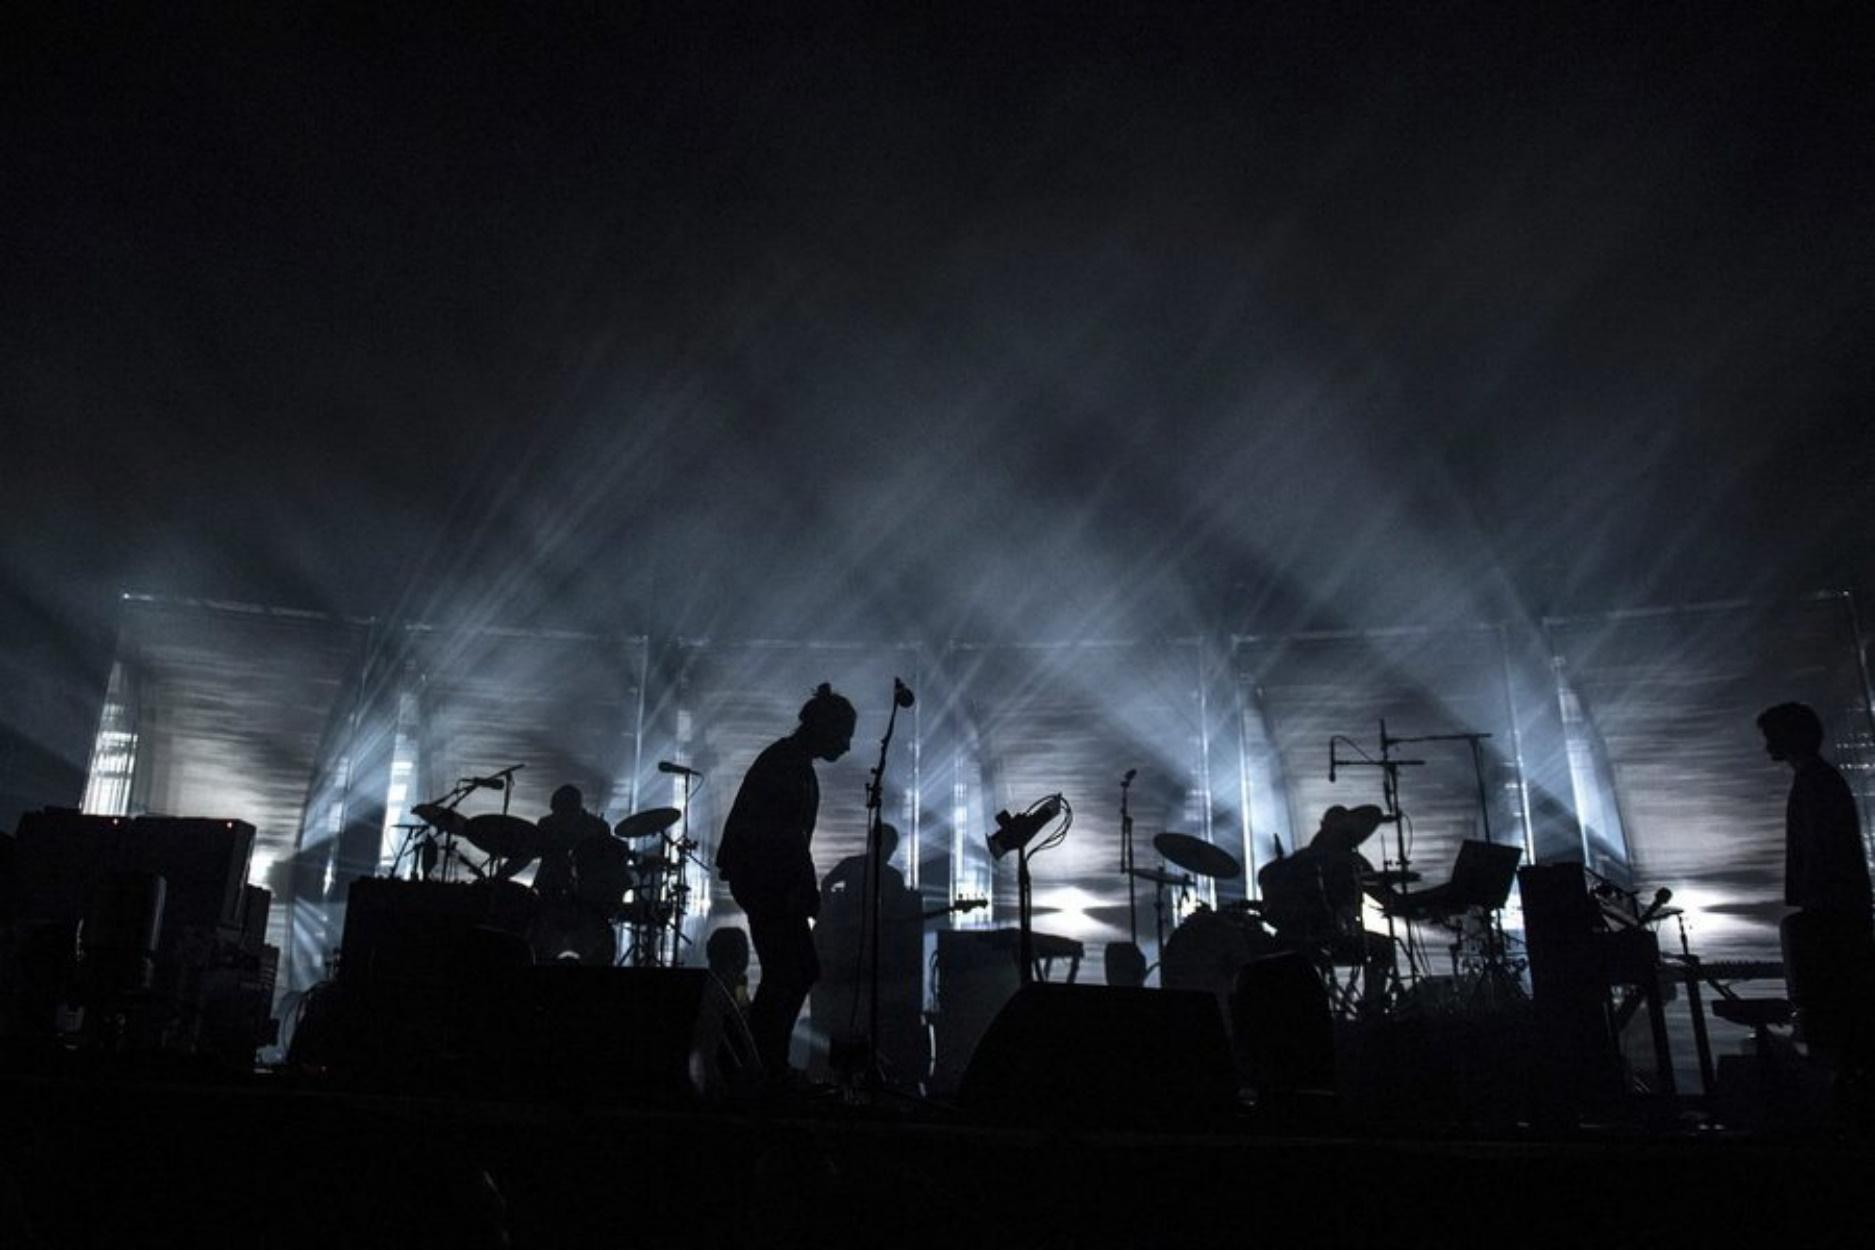 Πριγκίπισσα Νταϊάνα: Ο Τζόνι Γκρίνγουντ των Radiohead γράφει σάουντρακ για τη βιογραφική ταινία «Spencer»